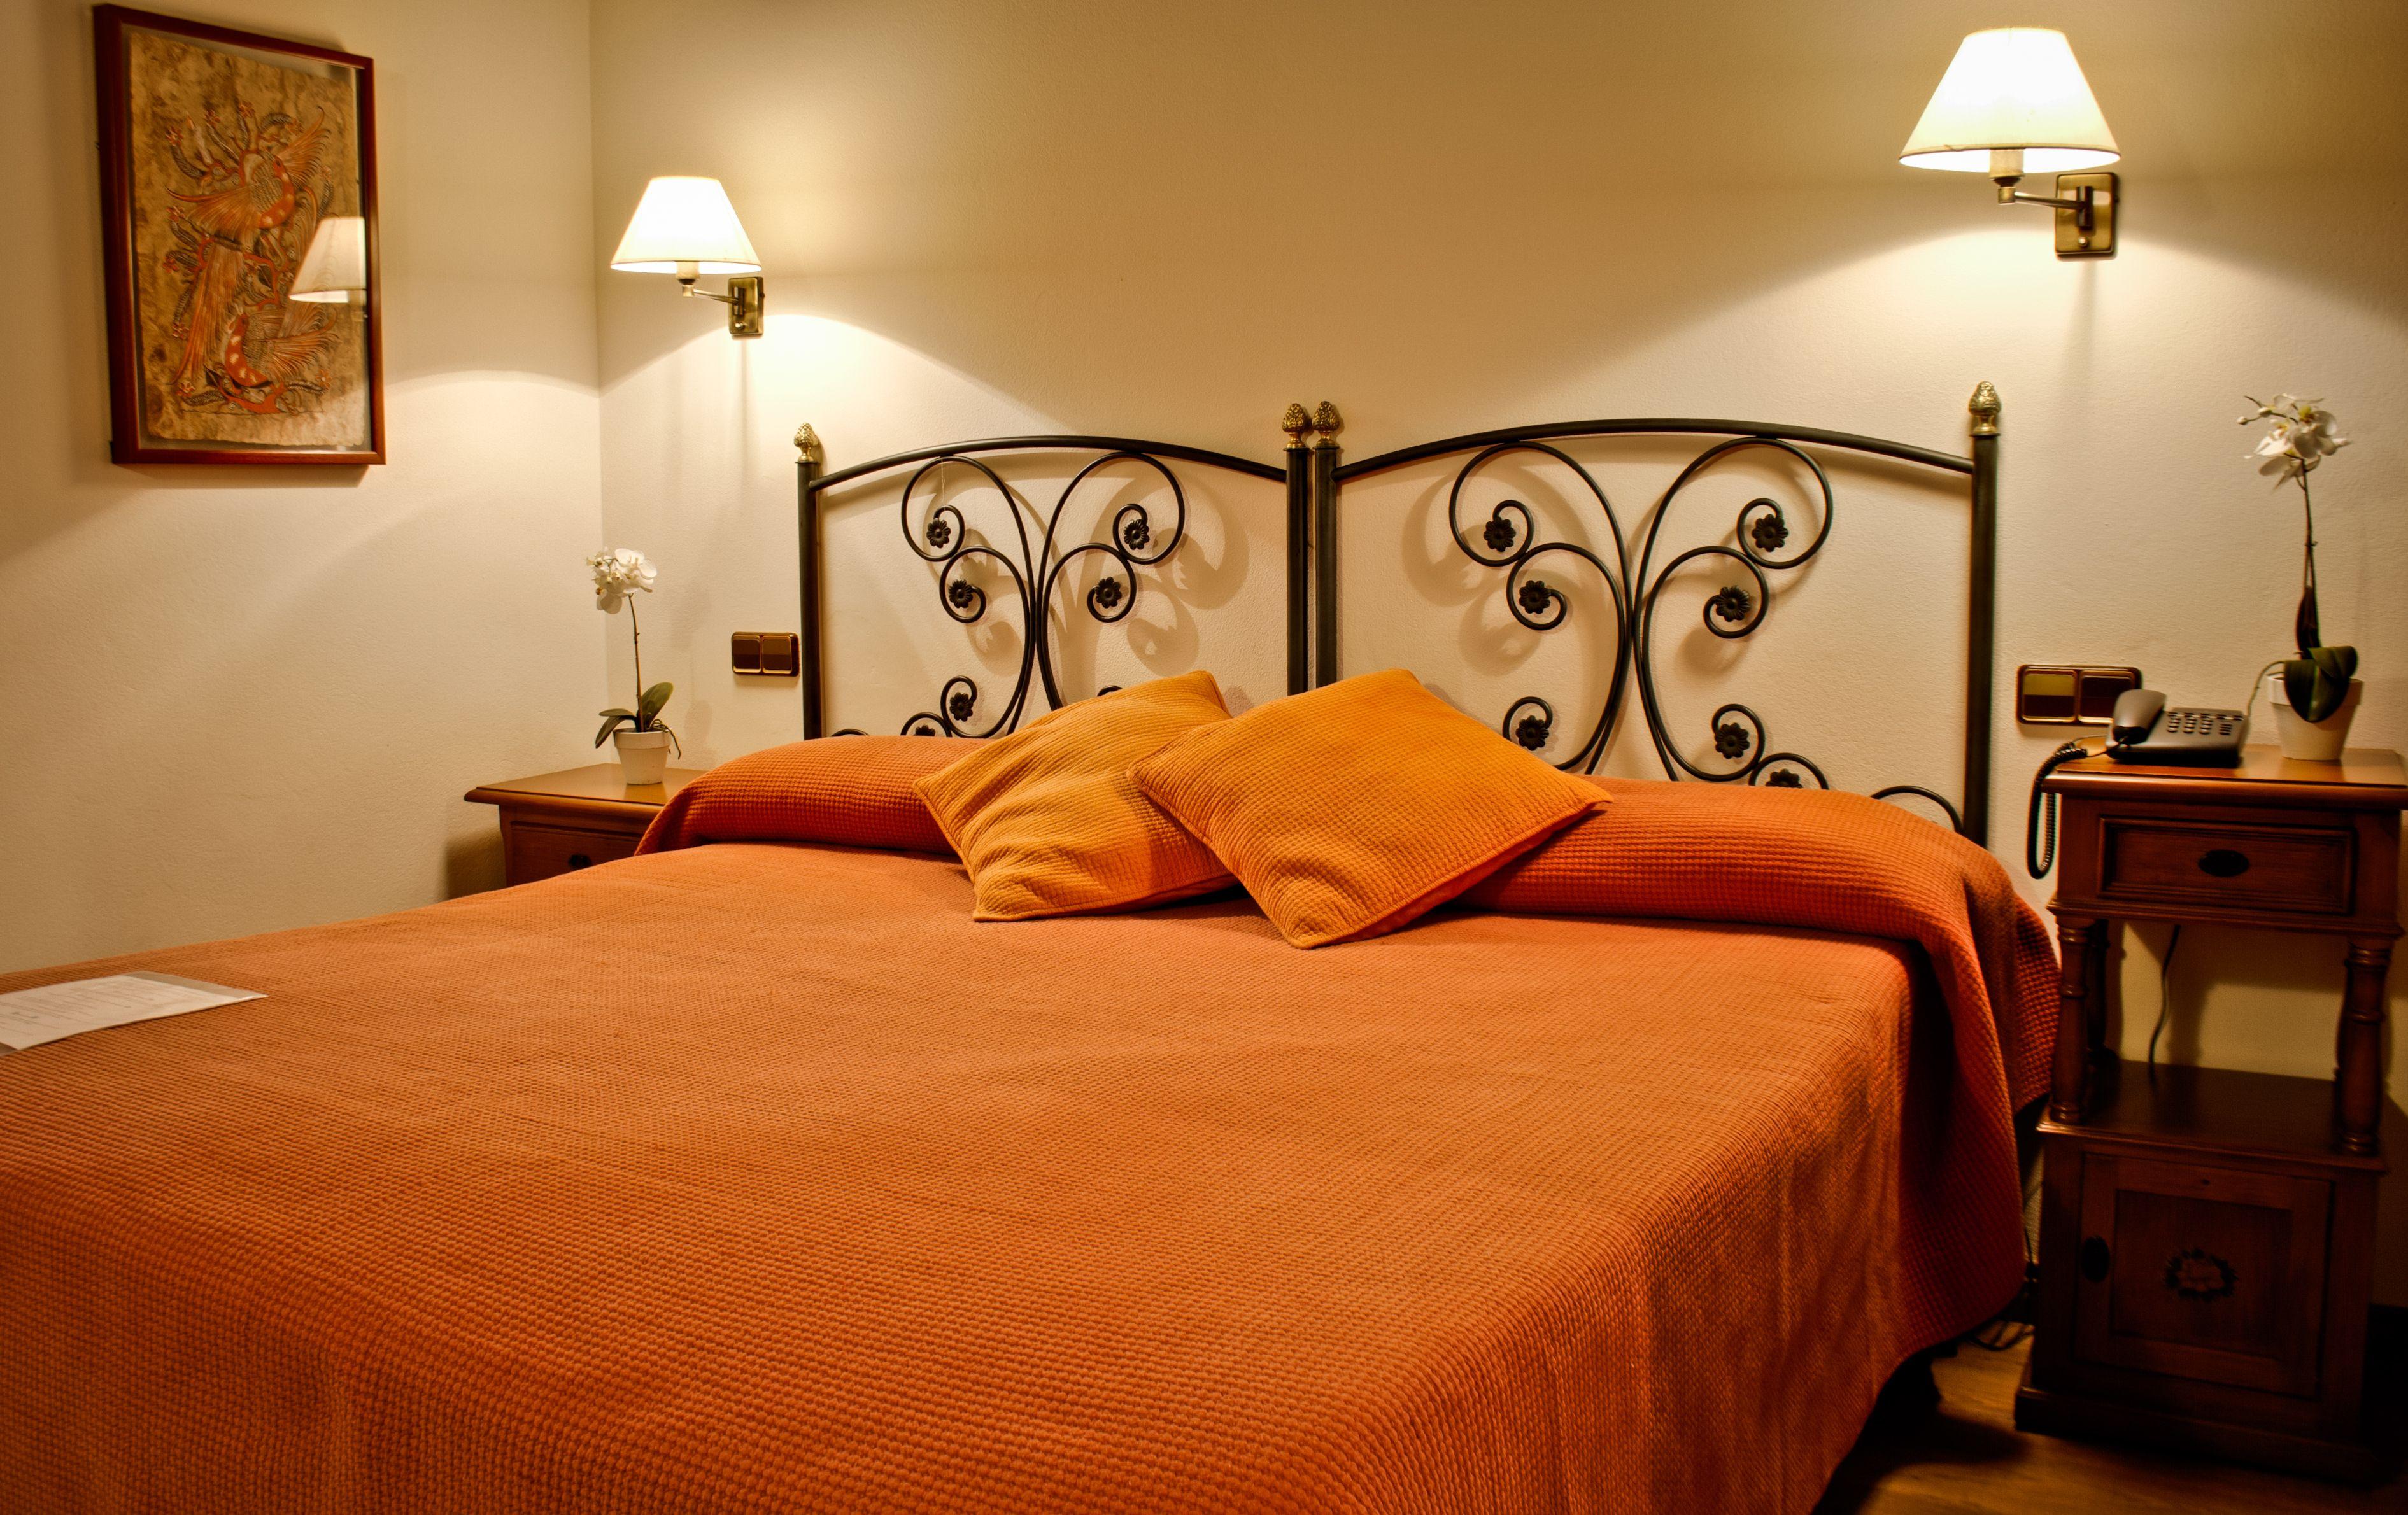 Habitaci n con cama matrimonial y cabeceros en forja negra for Mesillas de habitacion